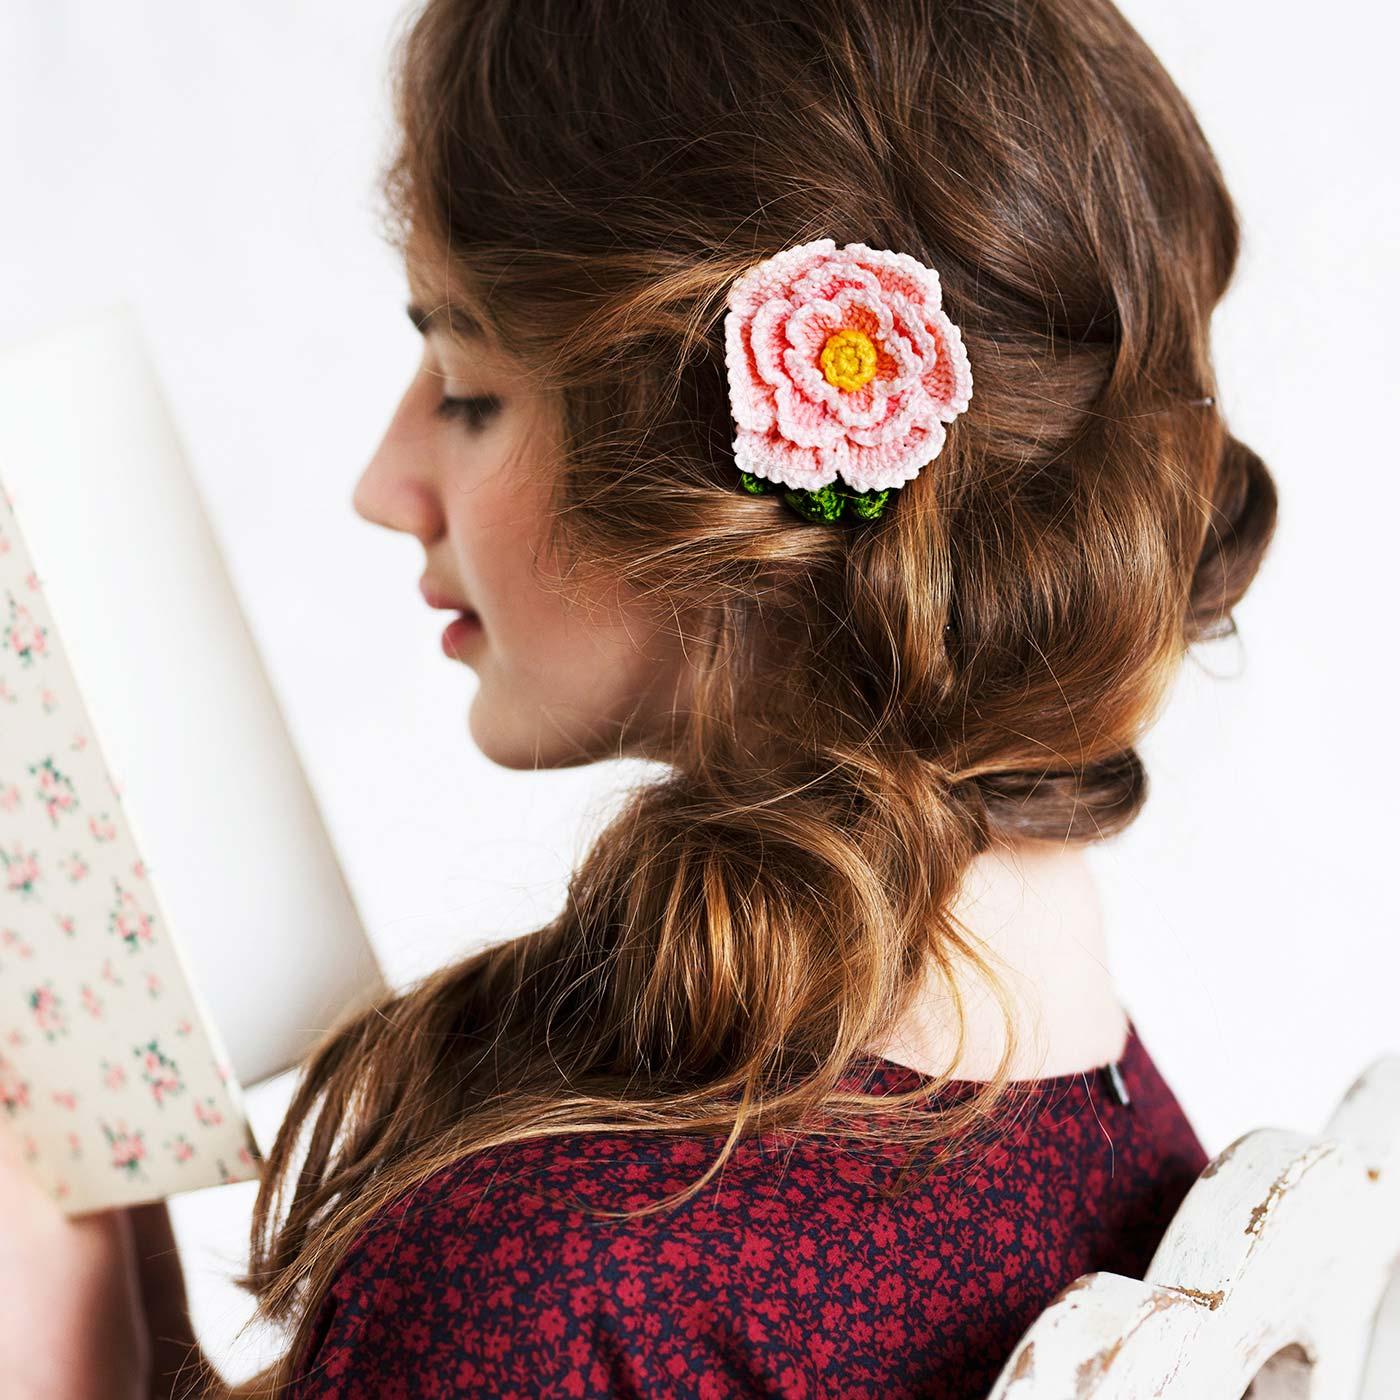 帽子や胸もとをお花ブローチで飾って乙女な表情に。